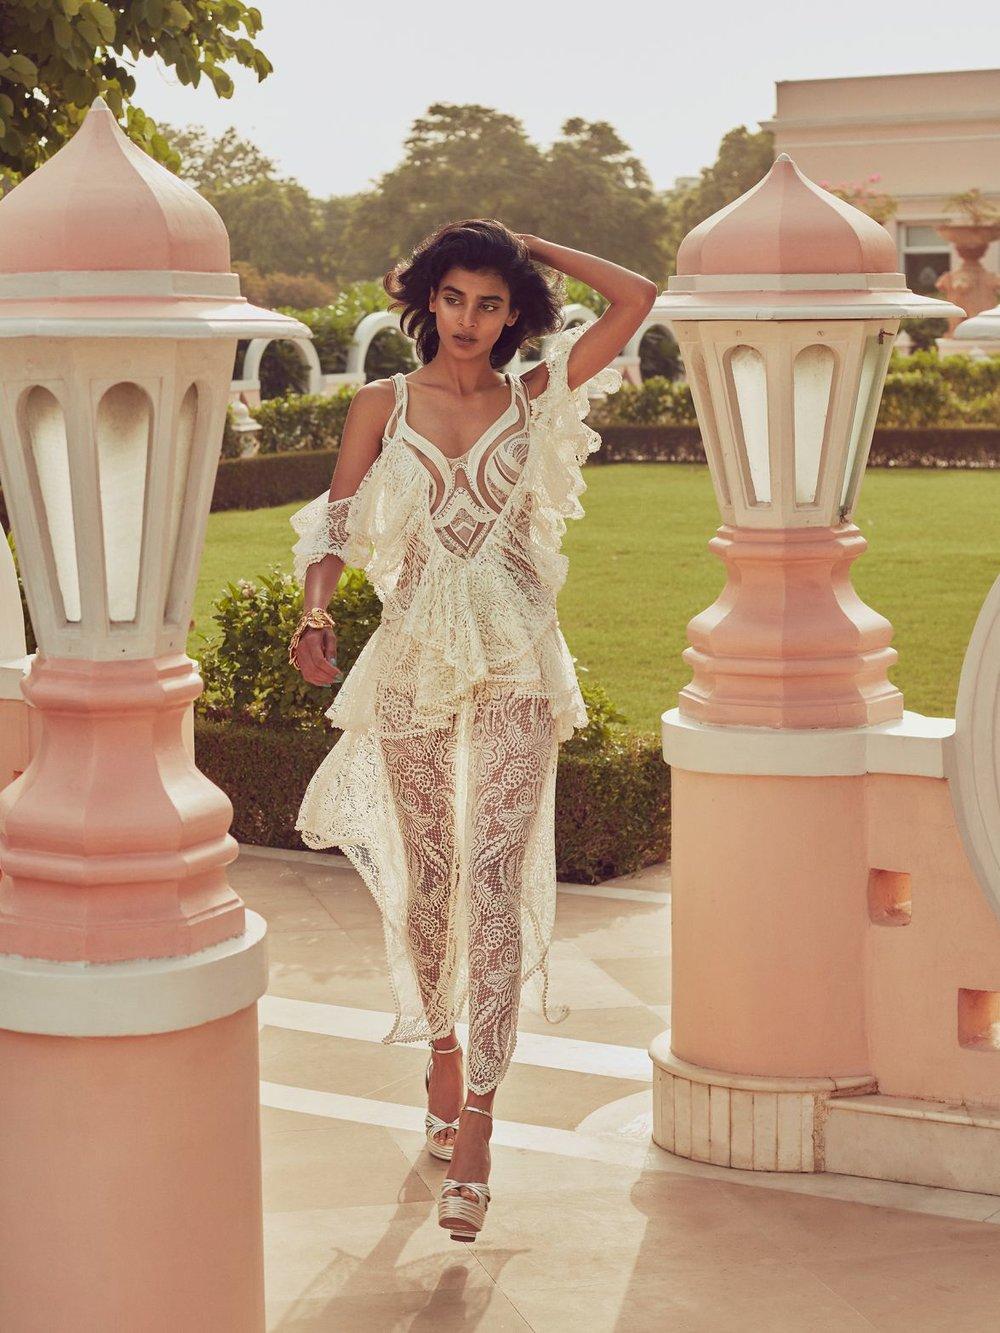 Vogue_Jaipur__O8A9728_l9yz3b.jpg